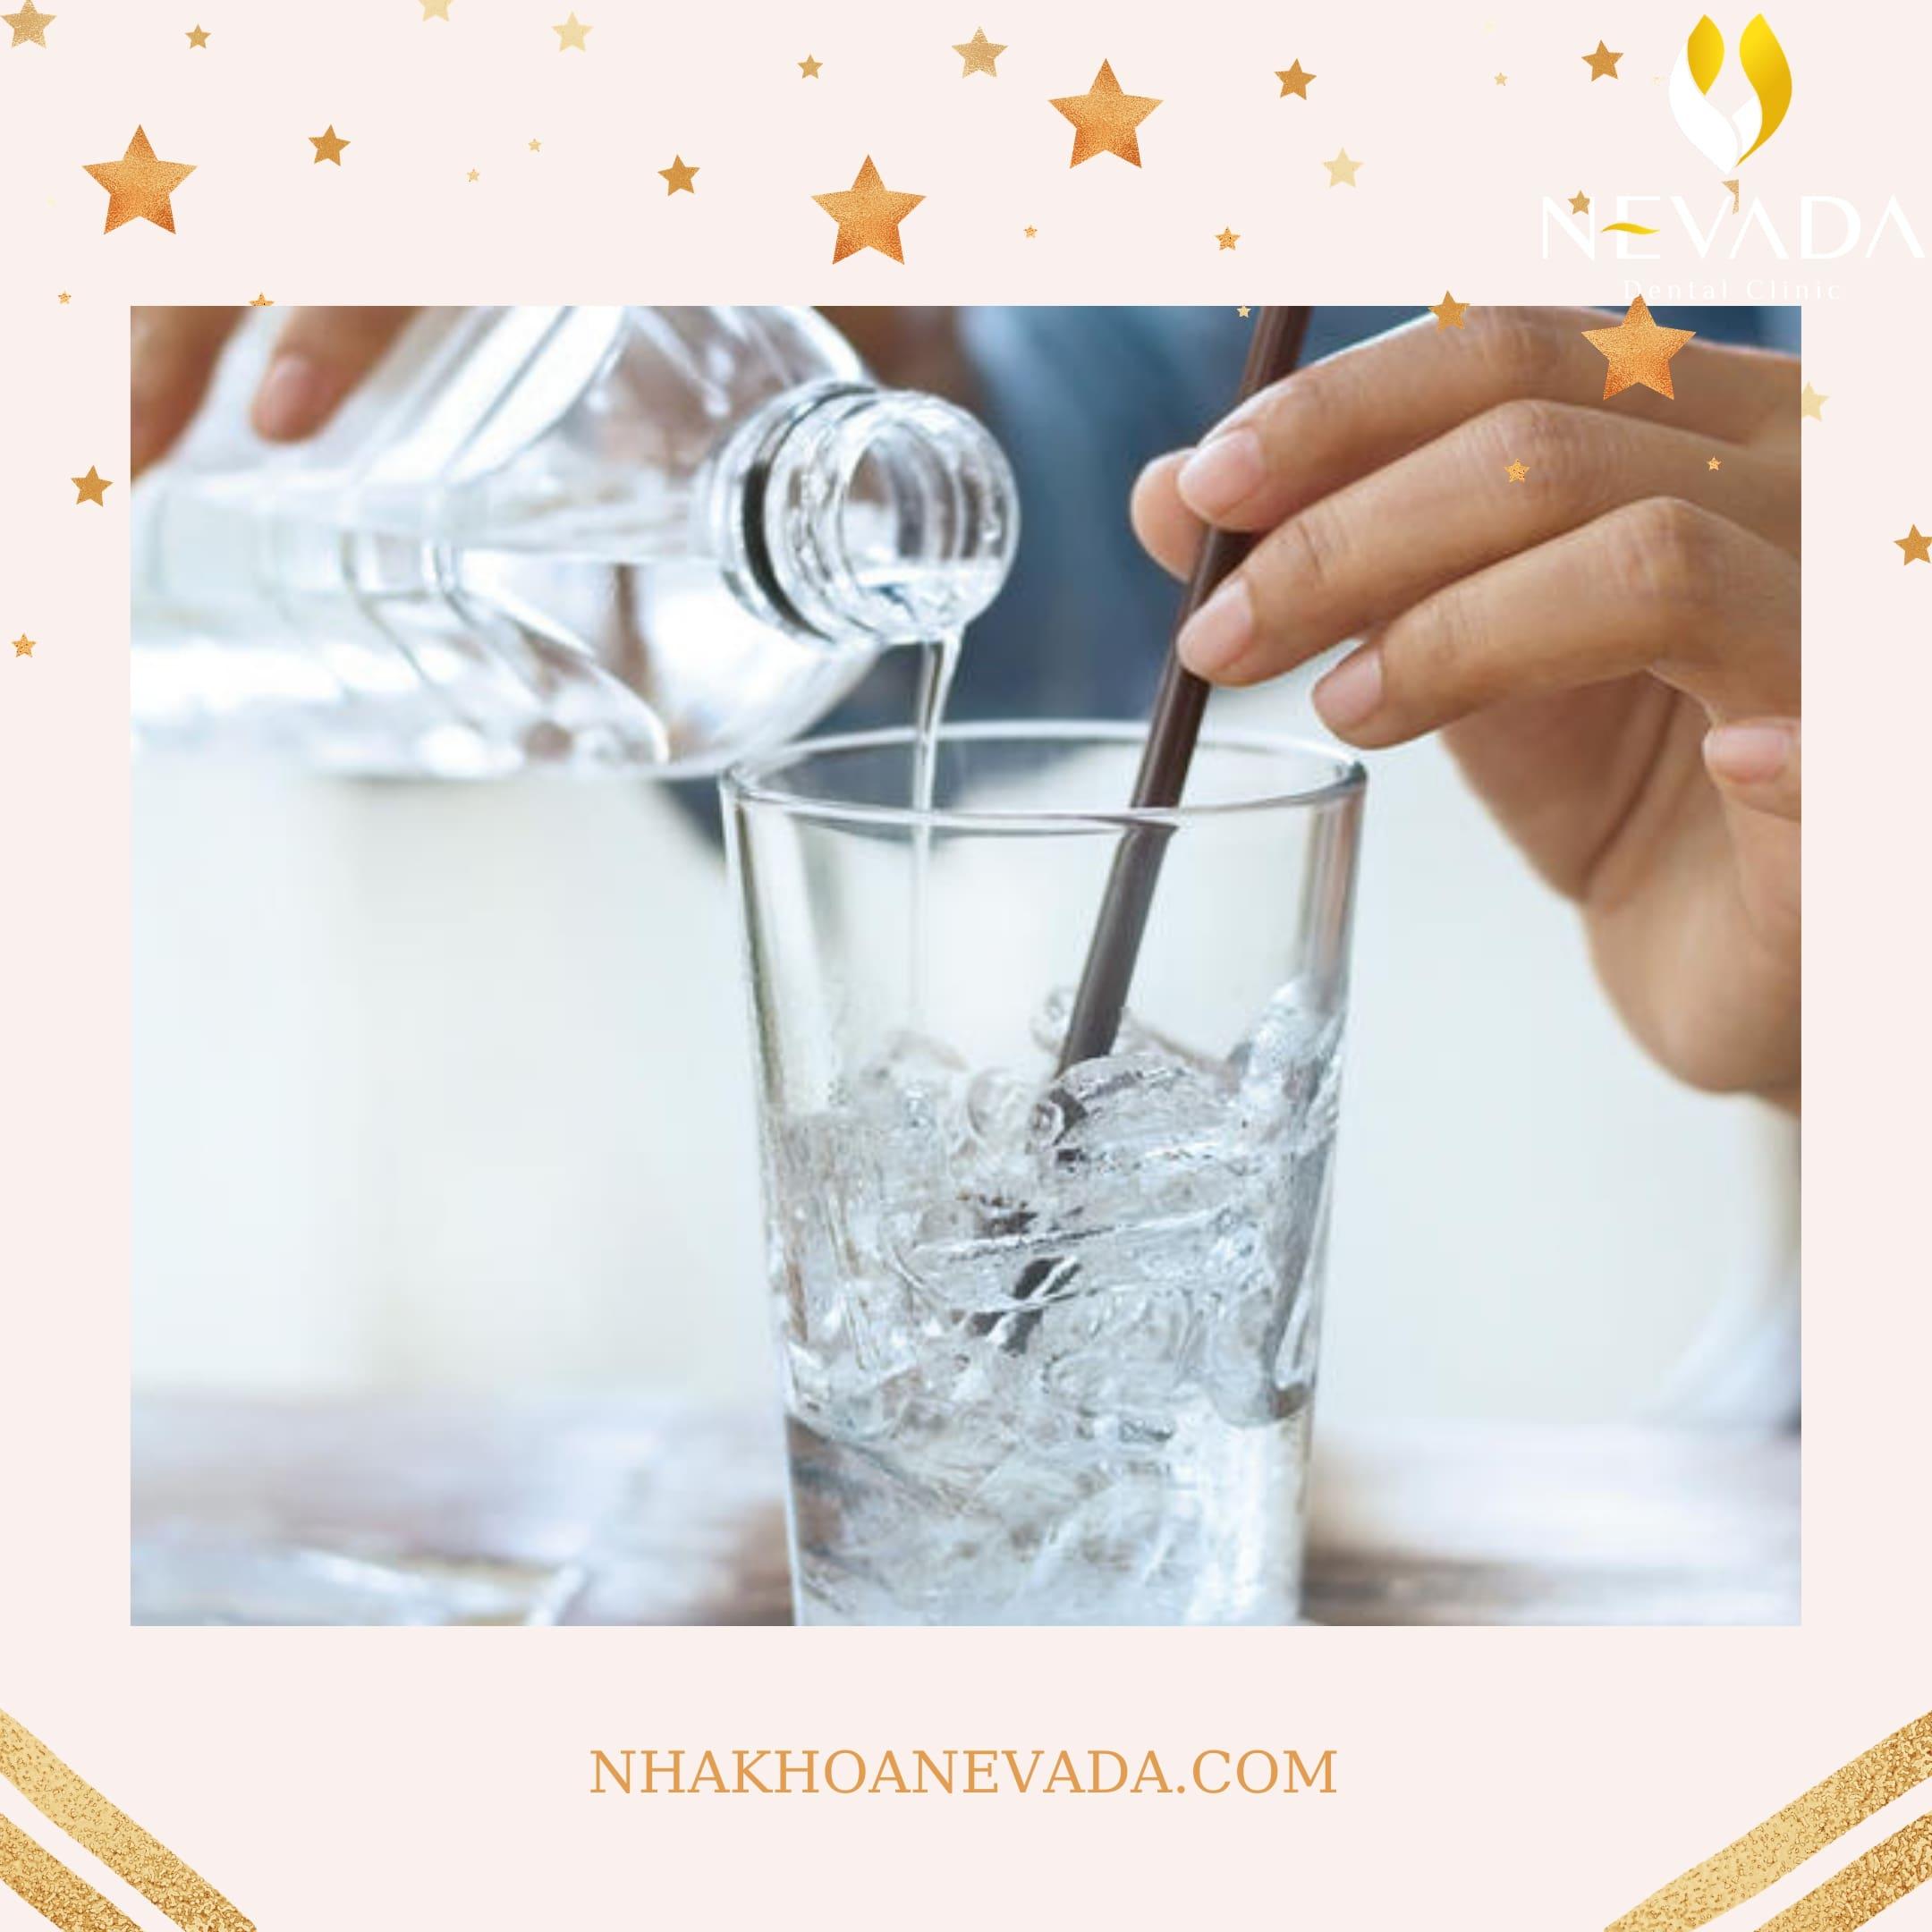 niềng răng có được uống nước đá không, niềng răng uống nước đá, niềng răng có được uống nước đá không, uống nước đá khi niềng răng, niềng răng có nên uống nước lạnh